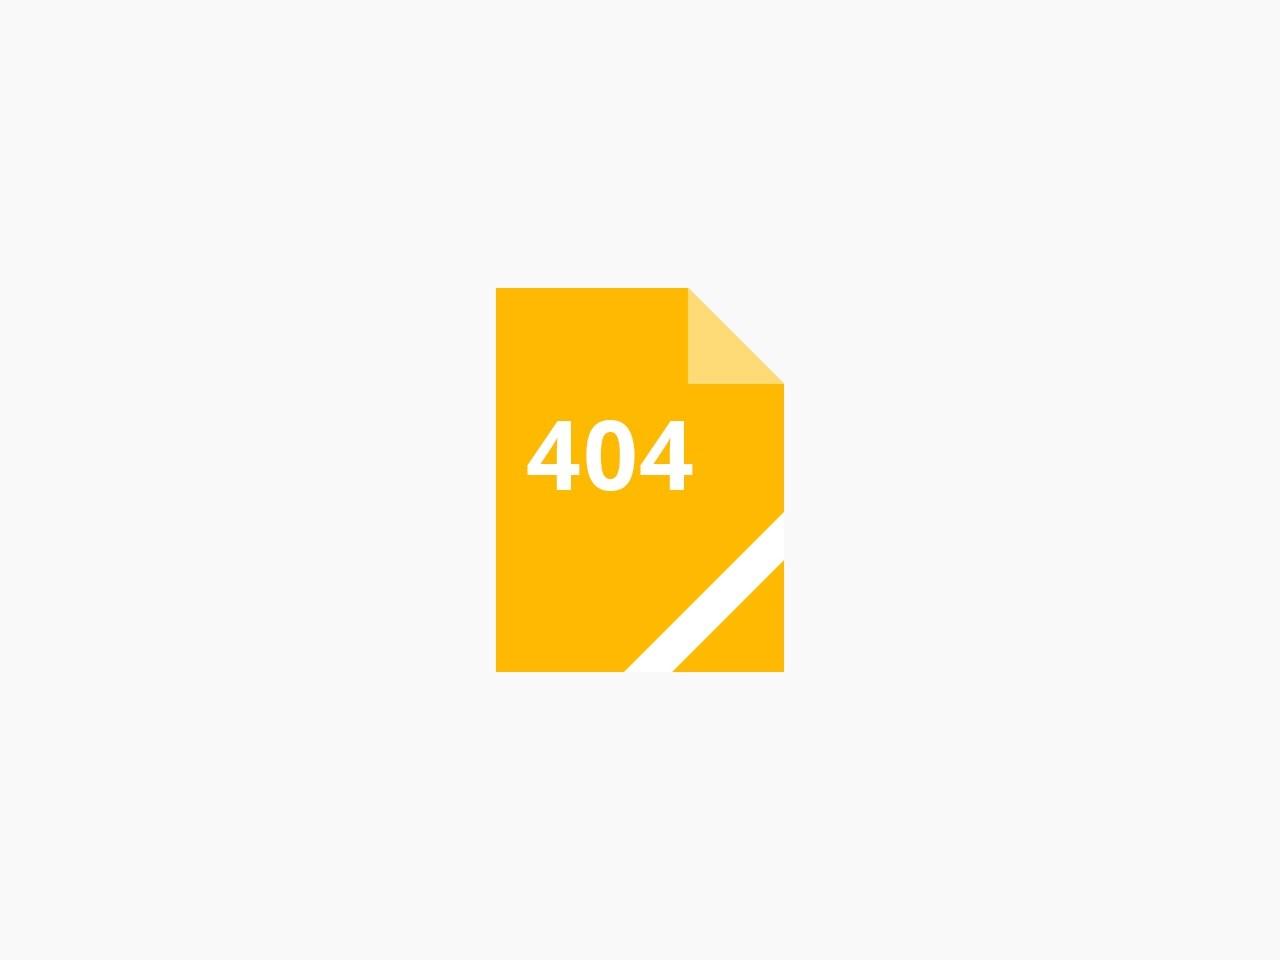 質いずみセンター ・ 熊本市中央区出水、1丁目1番地の質屋です。